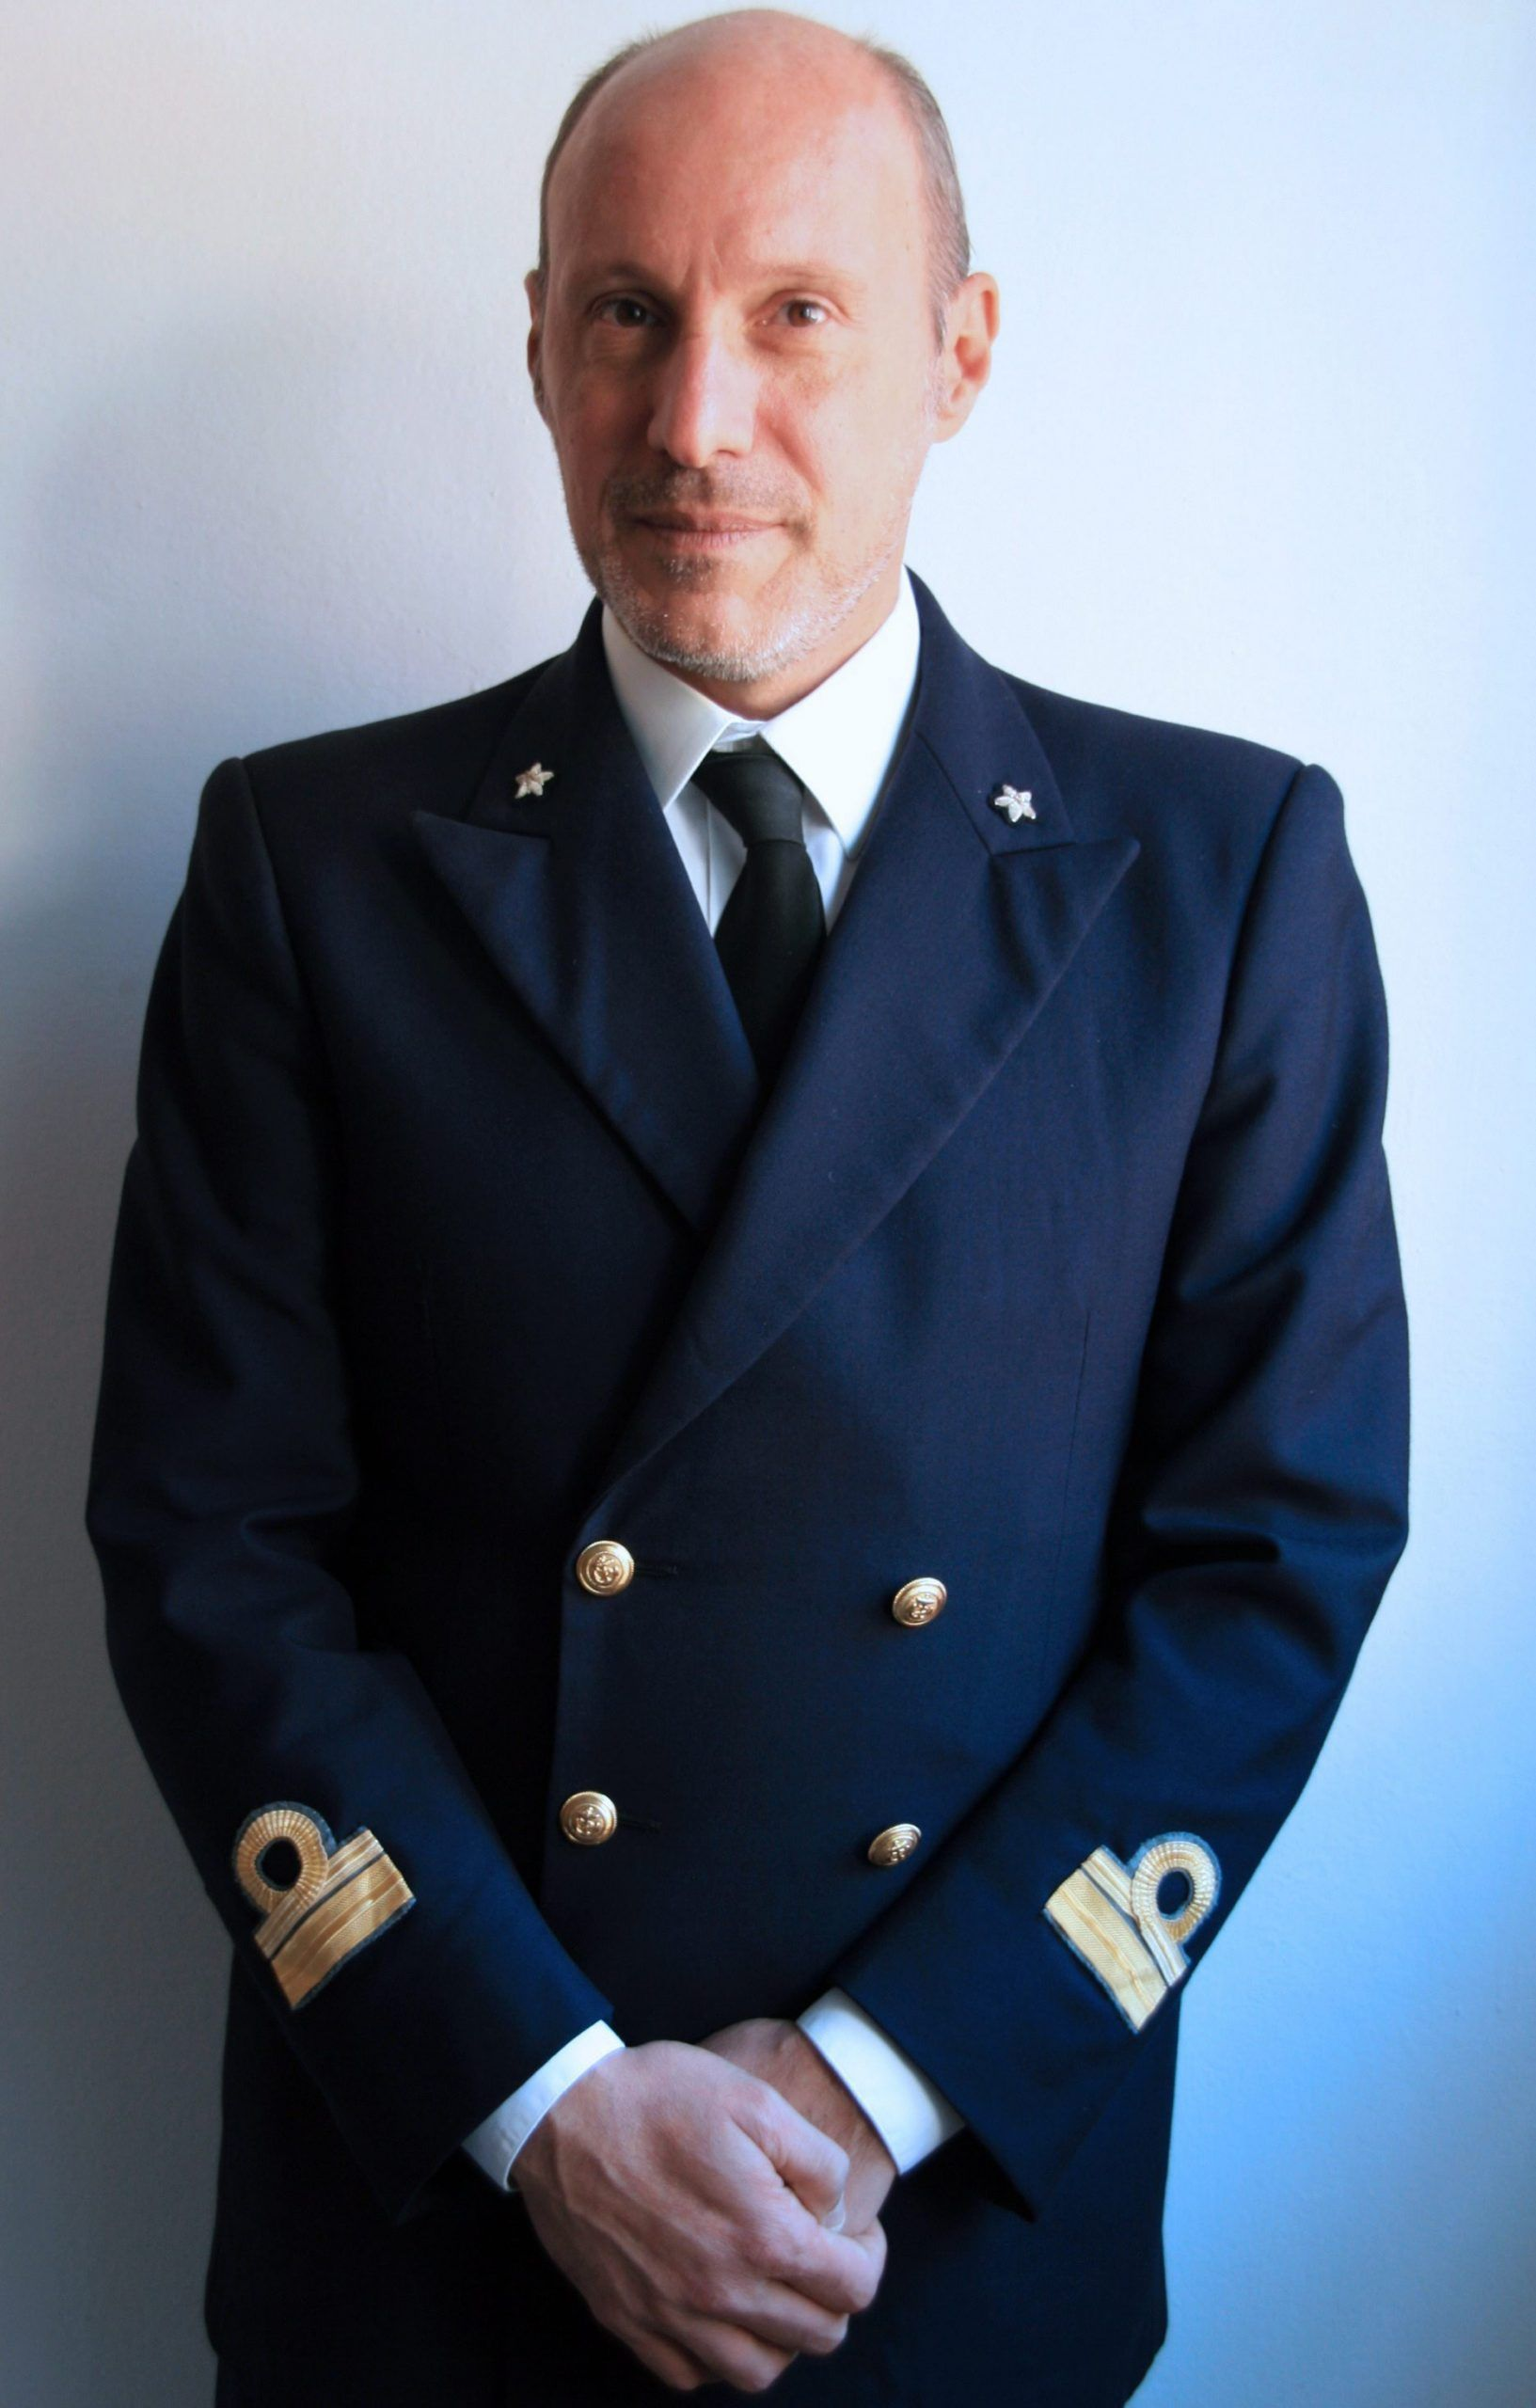 De Falco candidato con il M5S, polemiche sul web: 'Sfrutta la tragedia della Concordia'